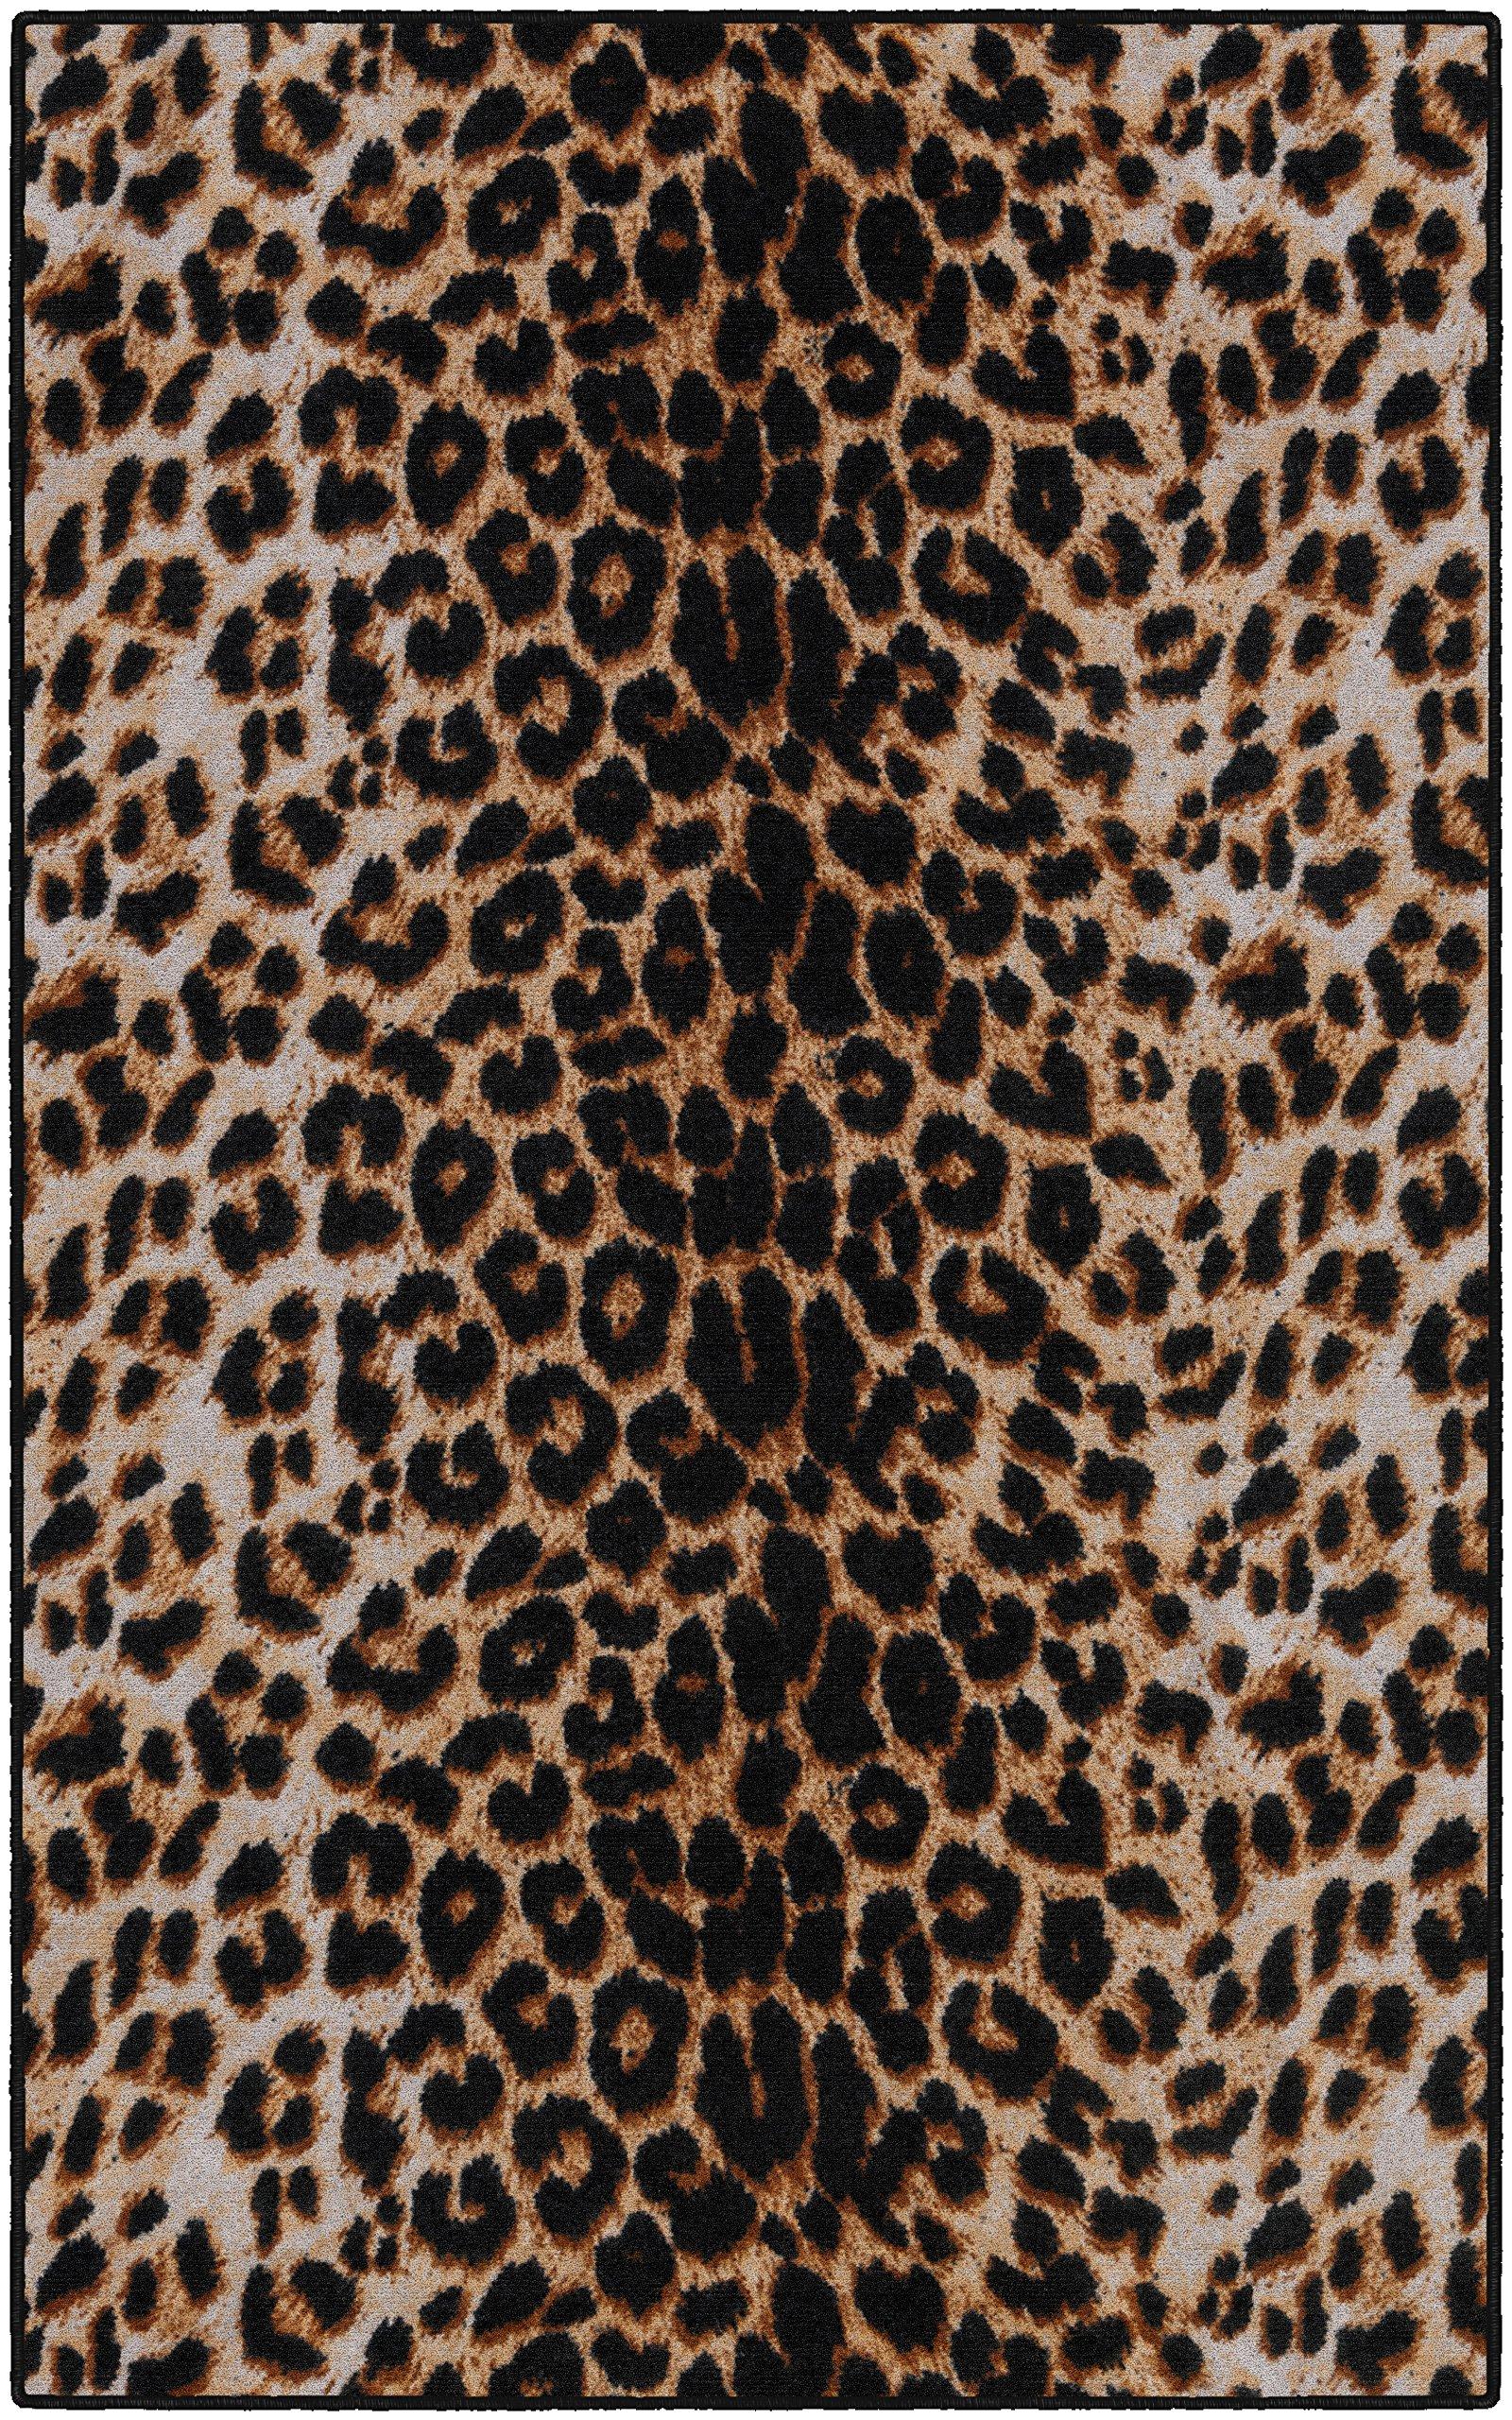 Brumlow Mills EW10210-40x60 Leopard Print Area Rug, 3'4 x 5'